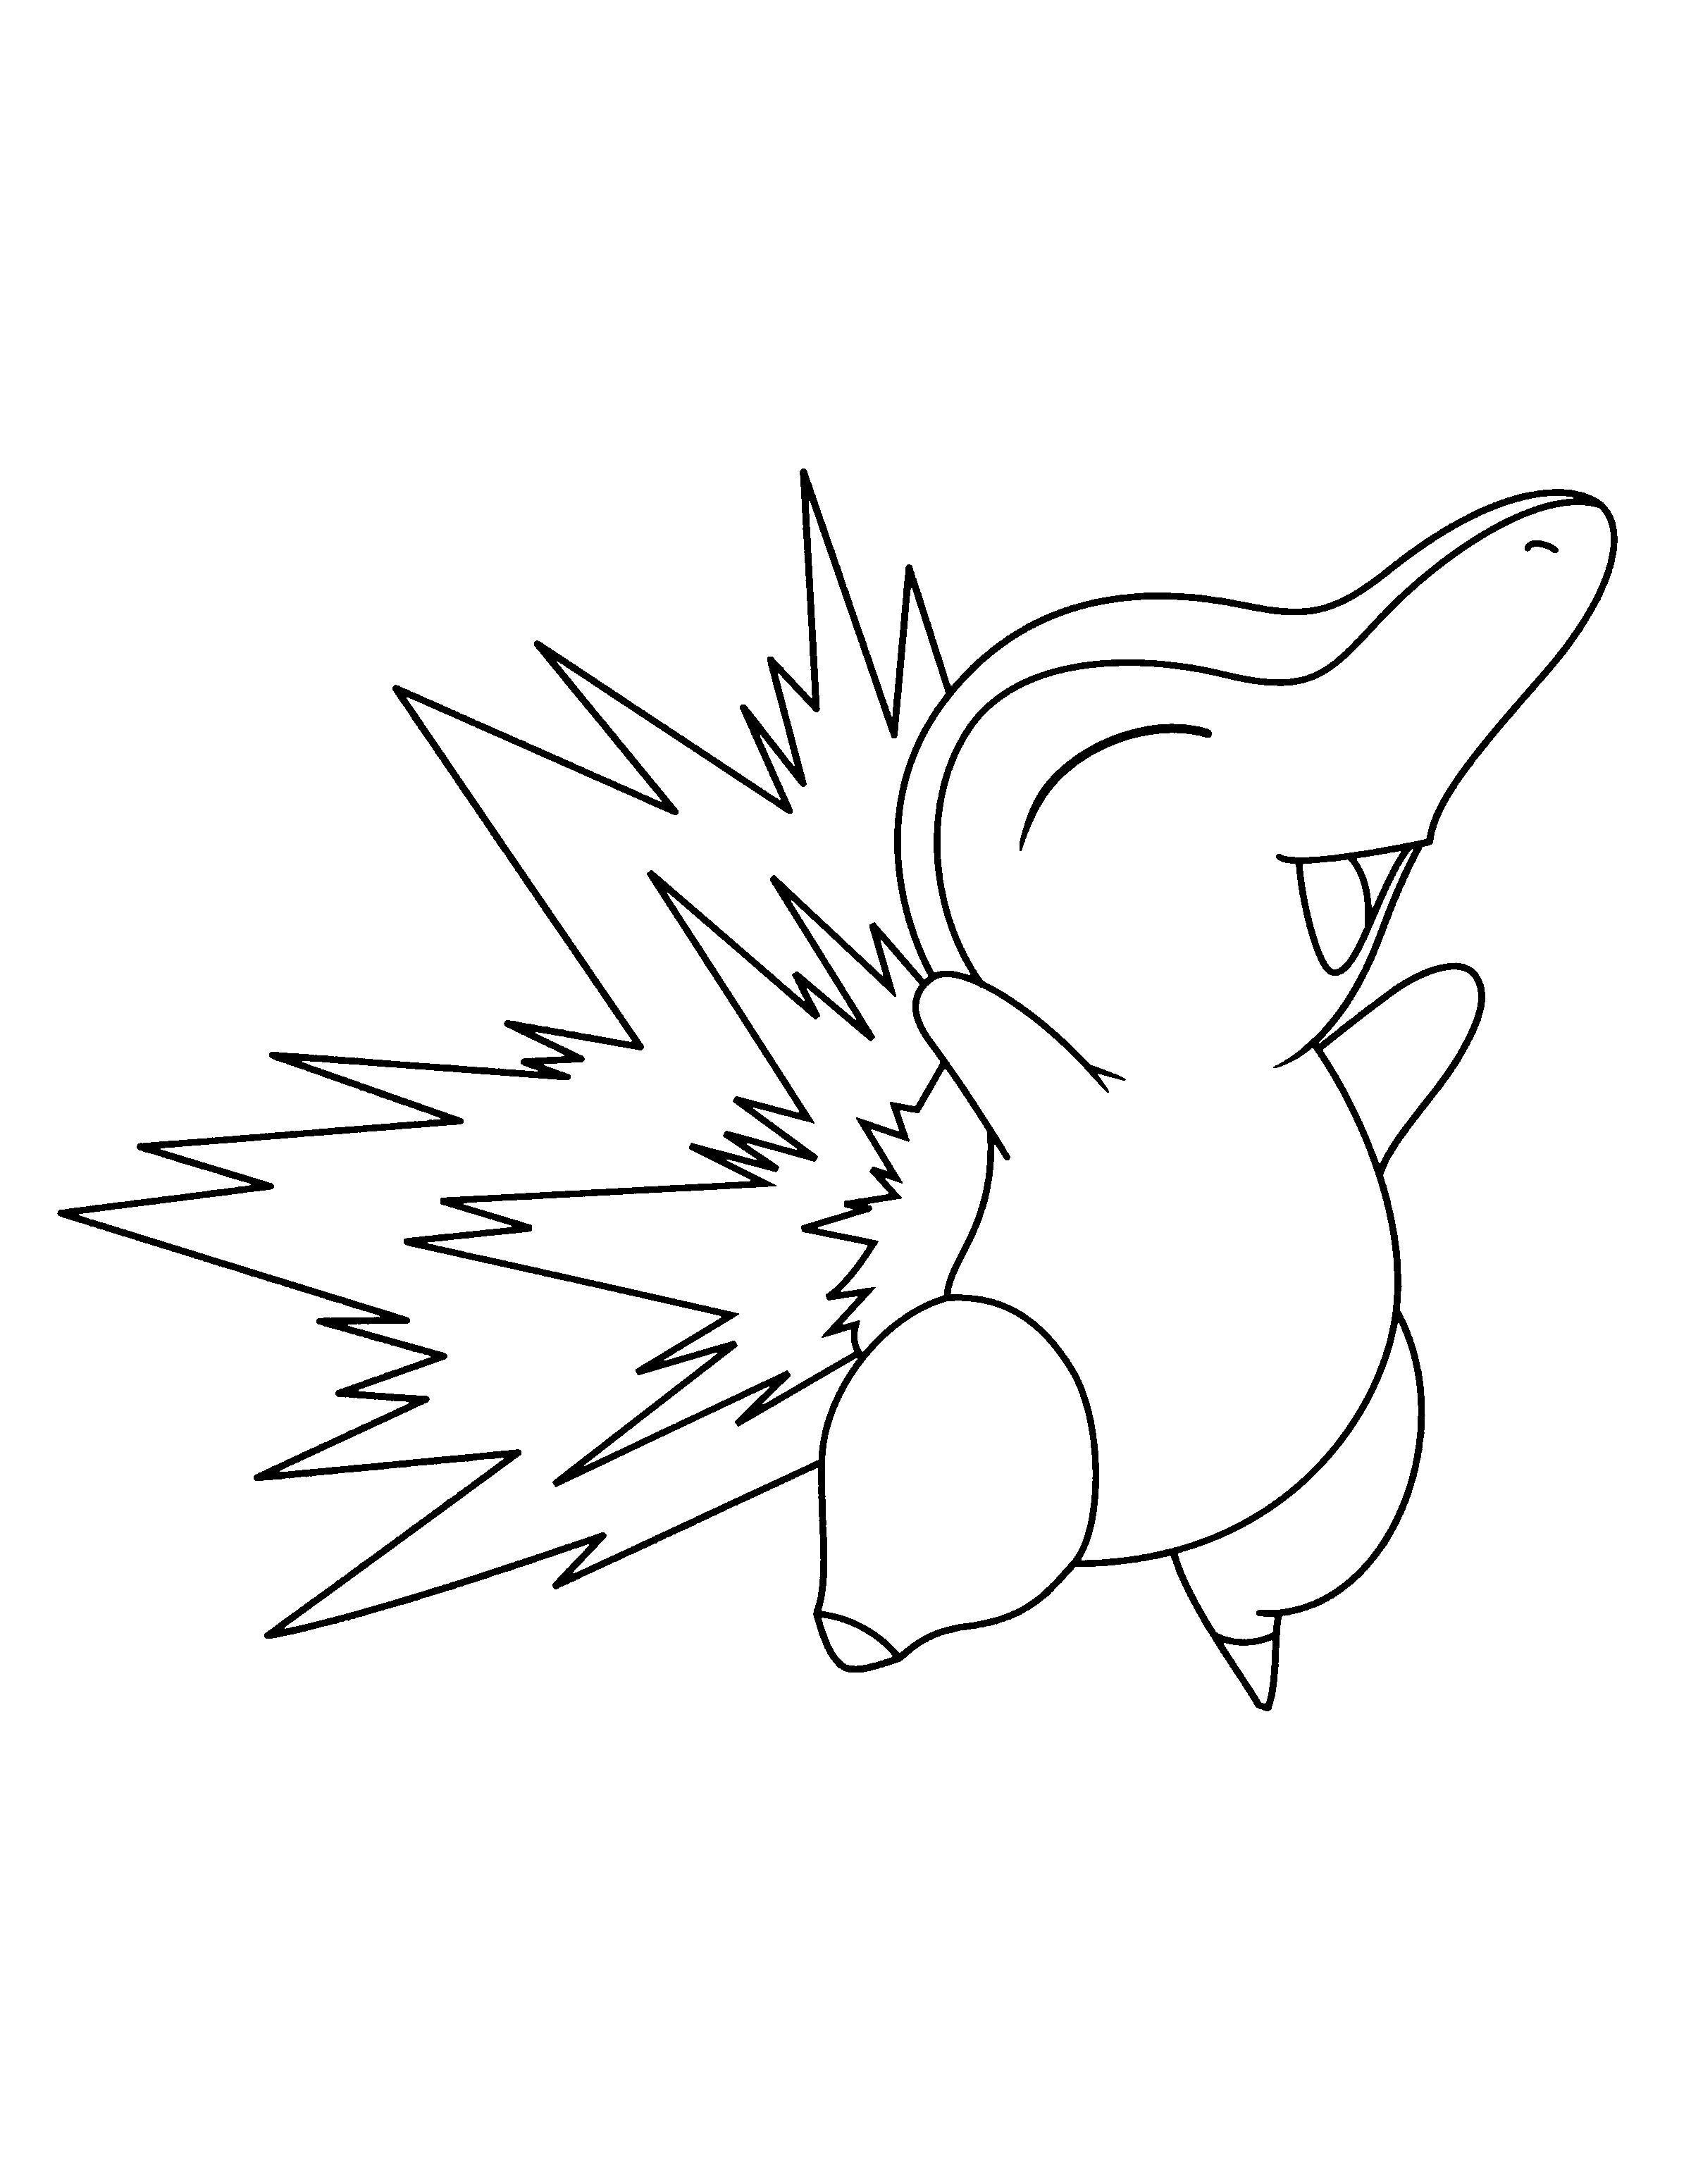 58 neu malvorlagen pokemon zum ausdrucken bild  kinder bilder